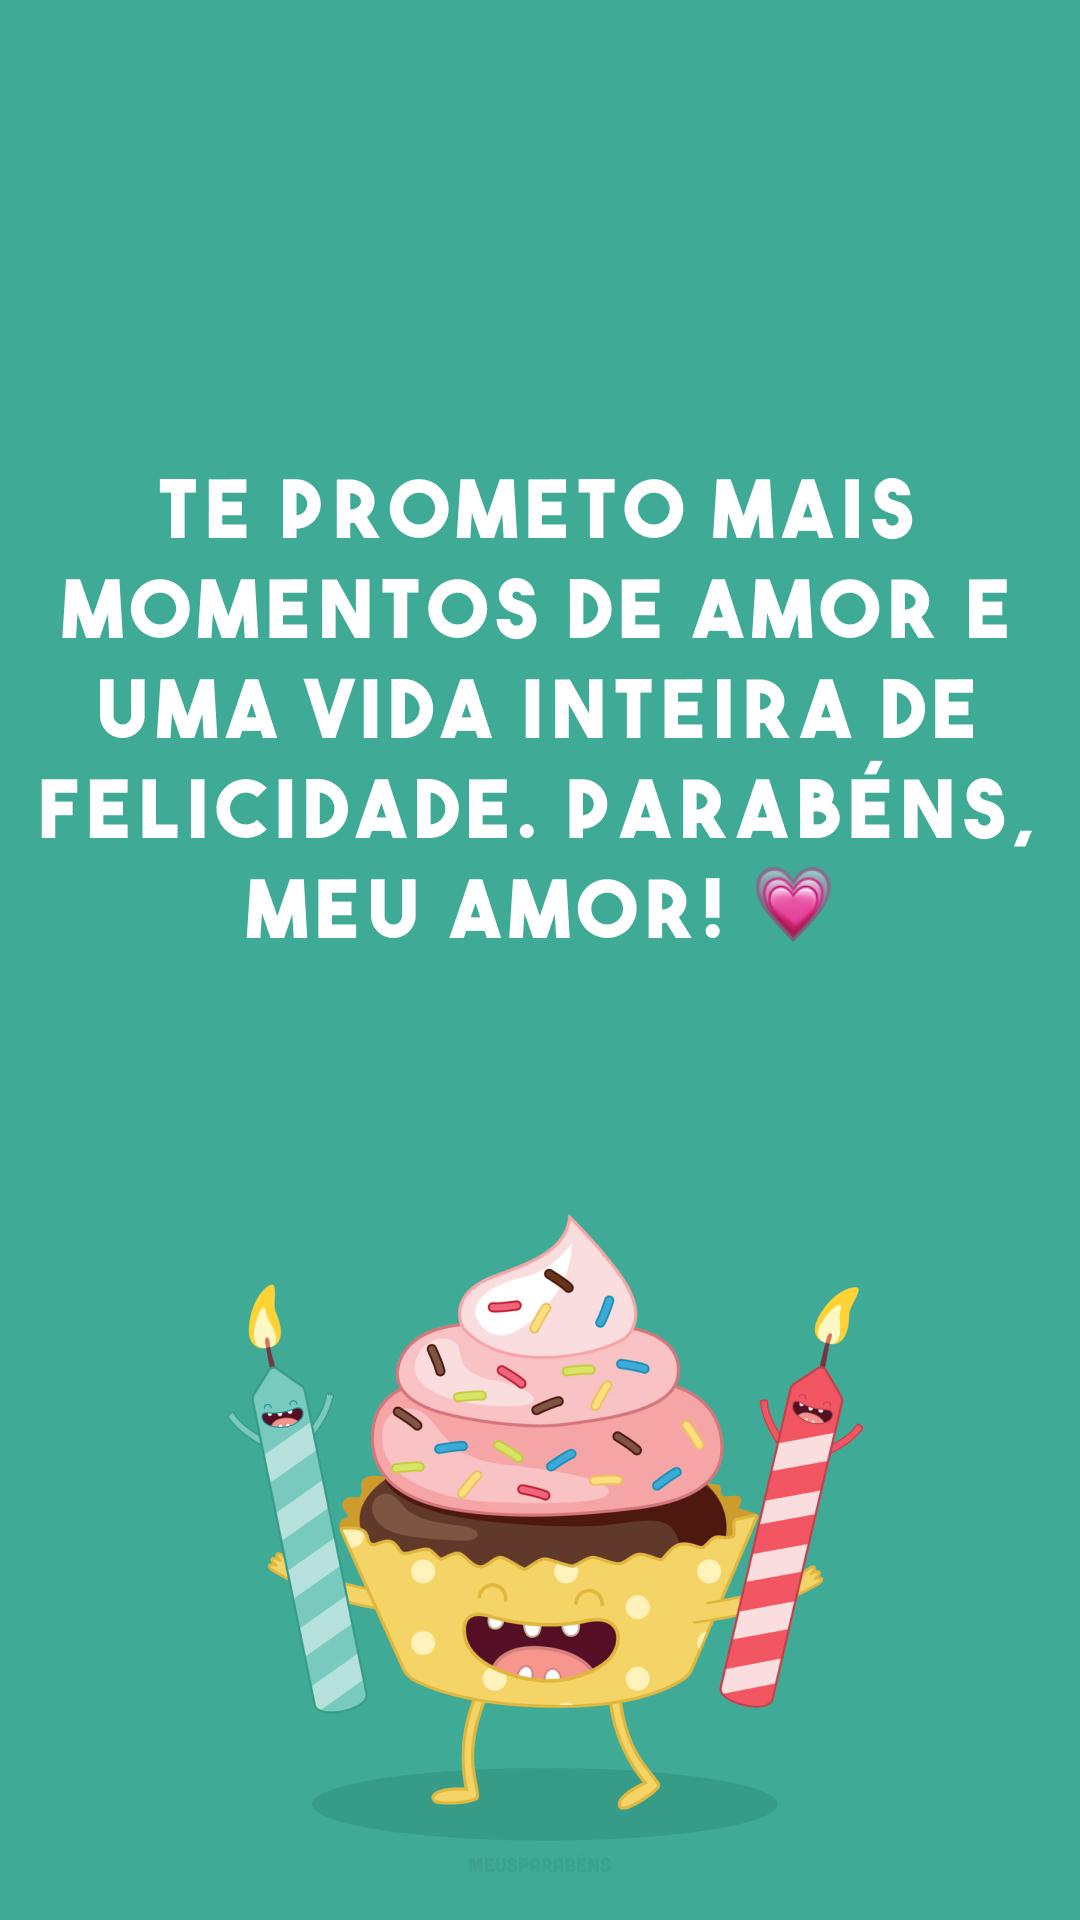 Te prometo mais momentos de amor e uma vida inteira de felicidade. Parabéns, meu amor! 💗